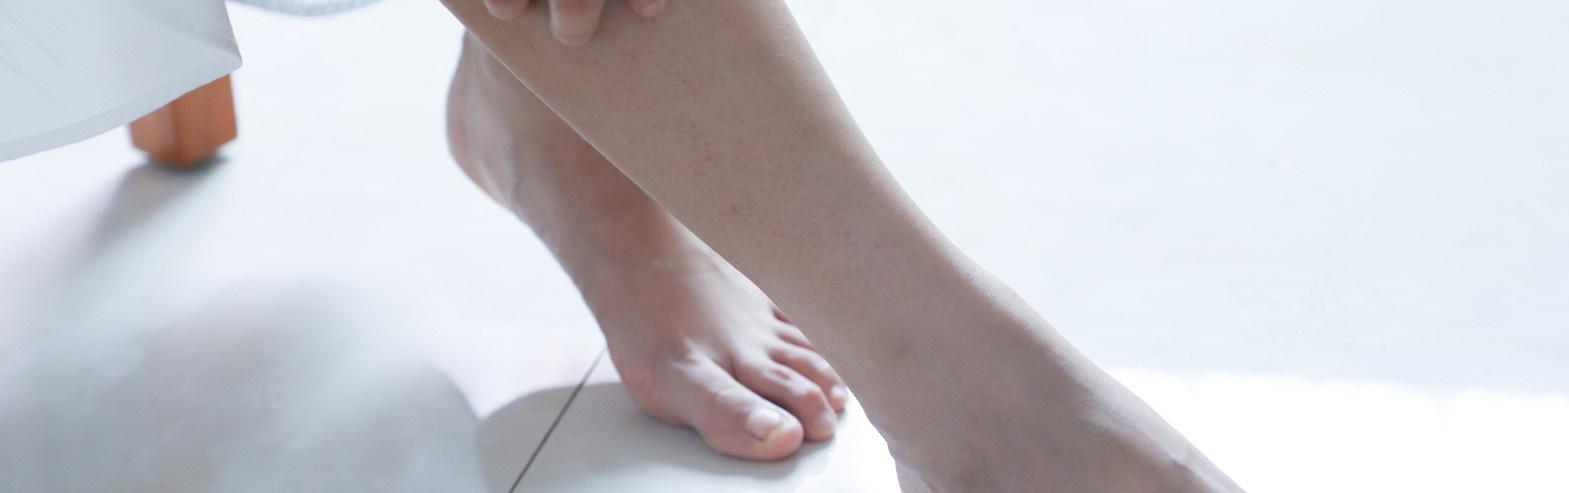 Pesadez de piernas por el confinamiento